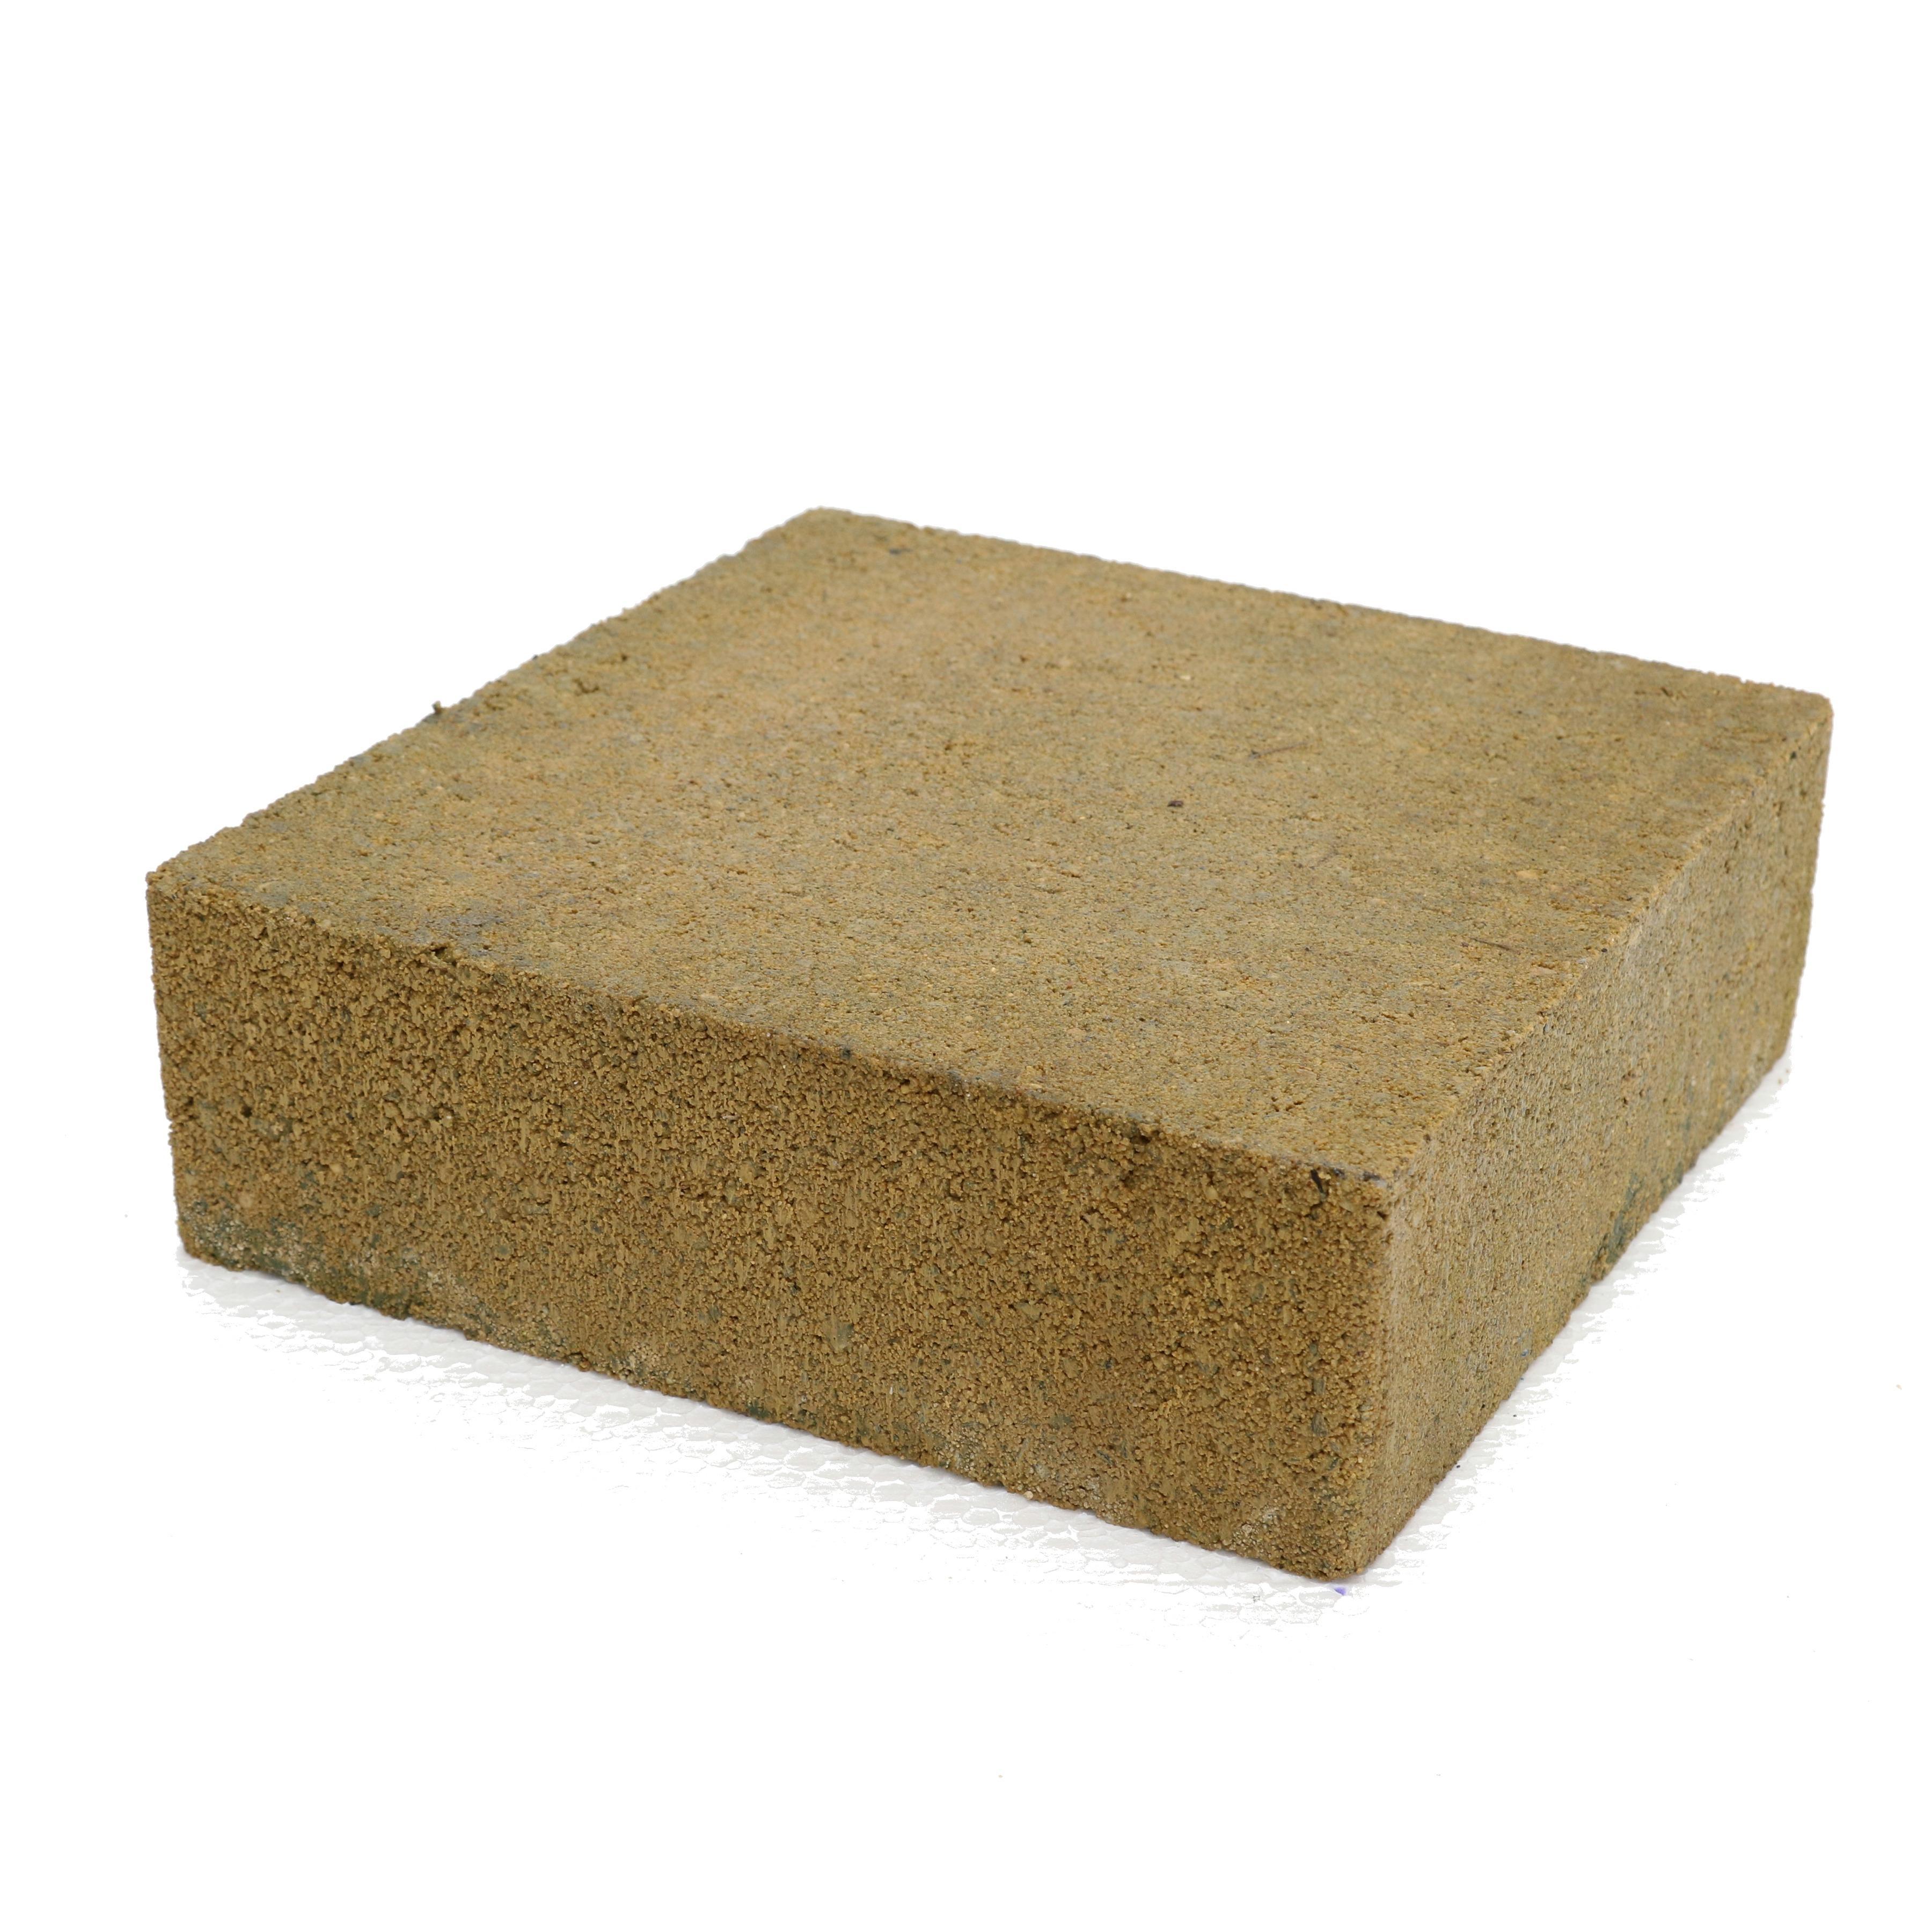 Trommelsteen Beton Plano Geel 21x21x7 cm - 162 Stuks - 6,48 m2